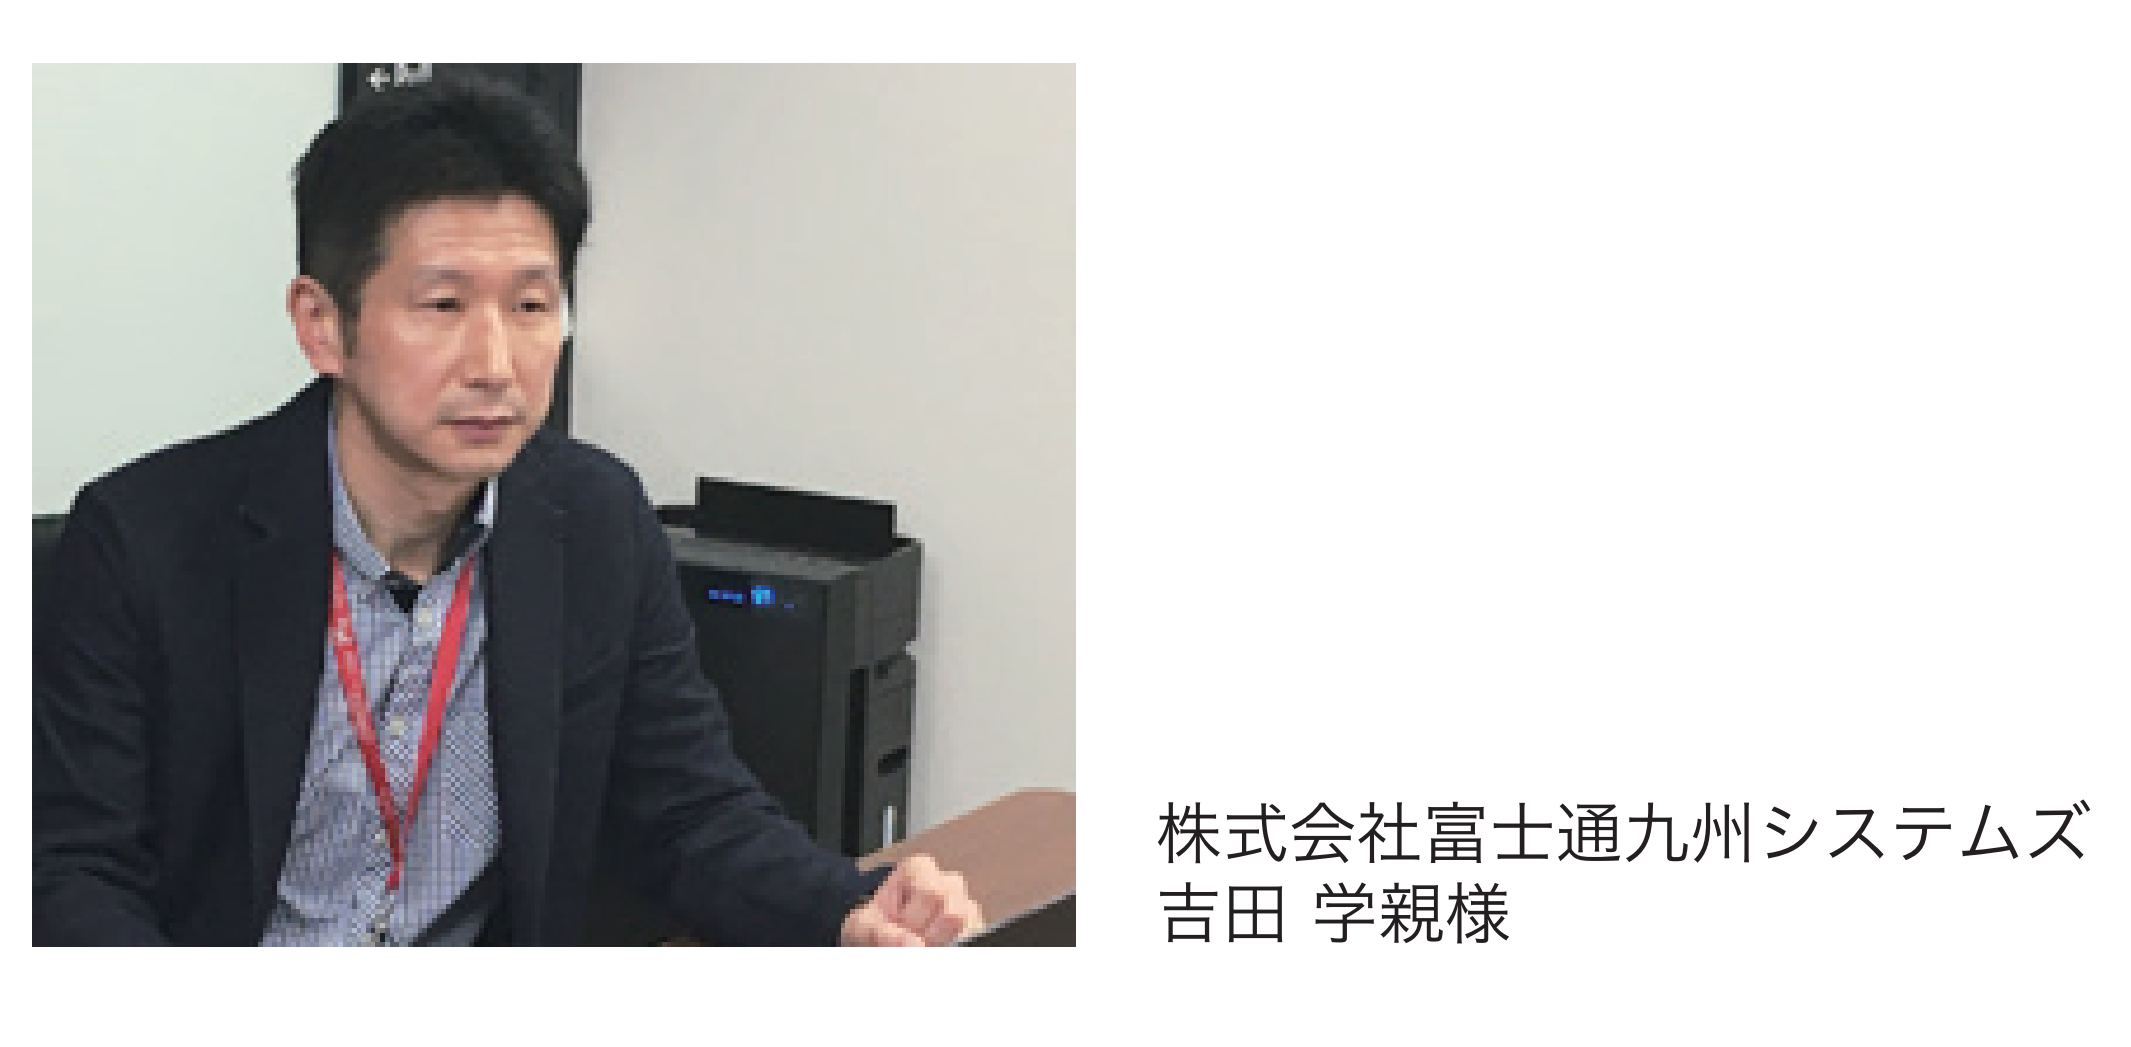 株式会社富士通九州システムズ <br />吉田 学親様